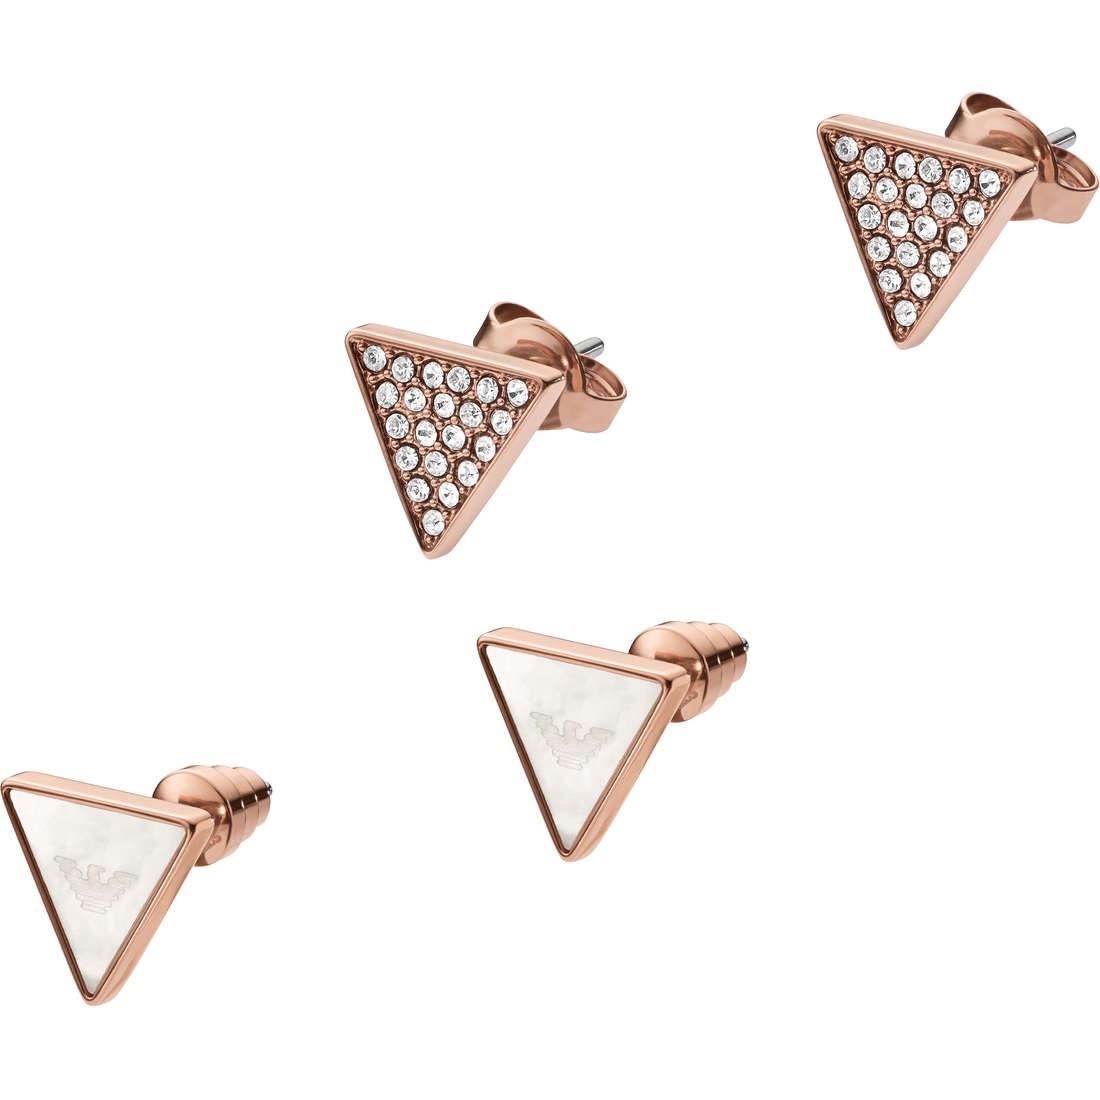 Emporio Armani EGS2367221 - biżuteria